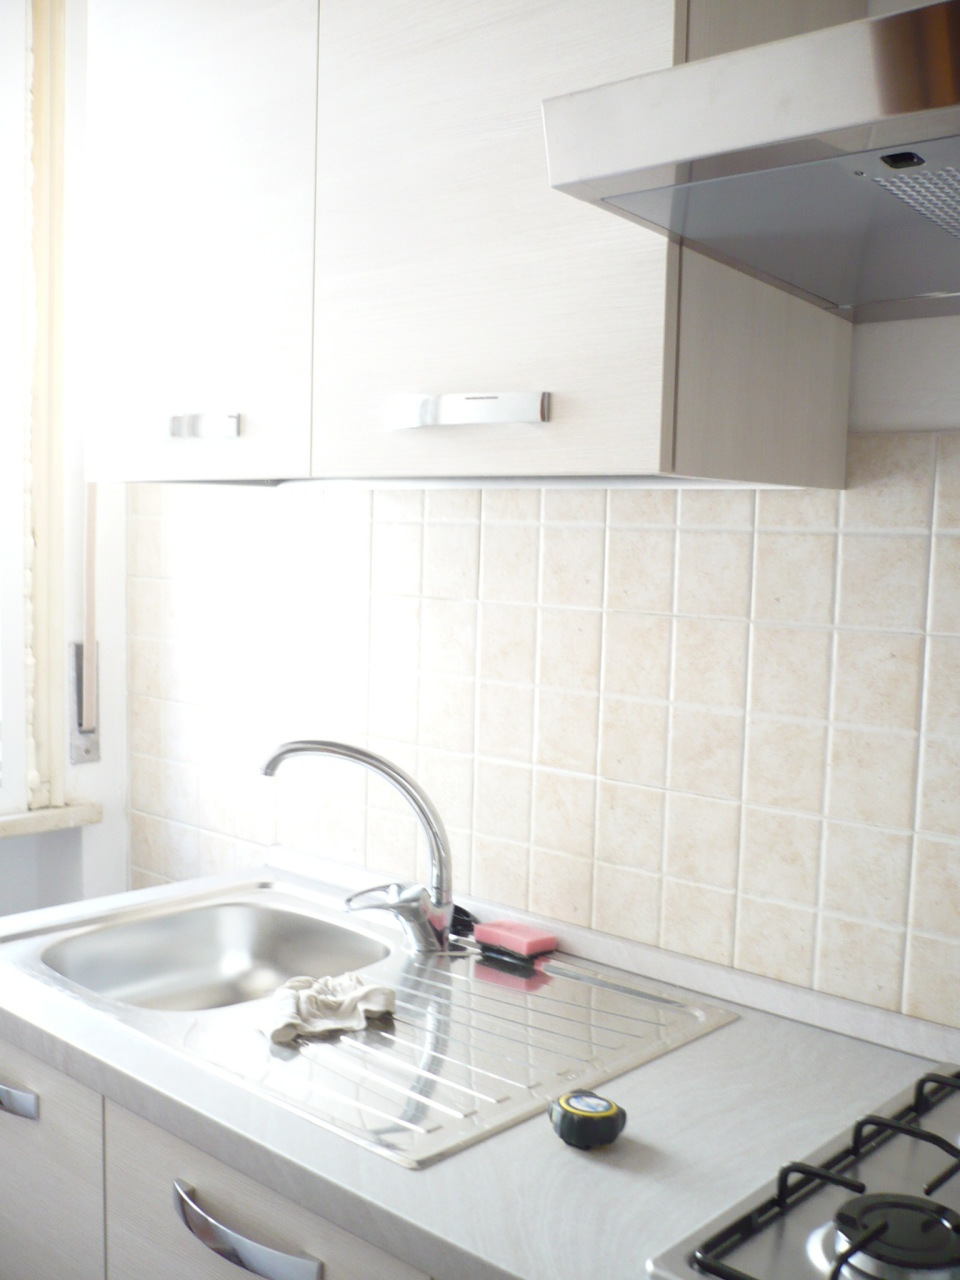 Cucina e soggiorno piccoli spazi stunning best come arredare una cucina soggiorno piccola idee - Come organizzare gli spazi in cucina ...